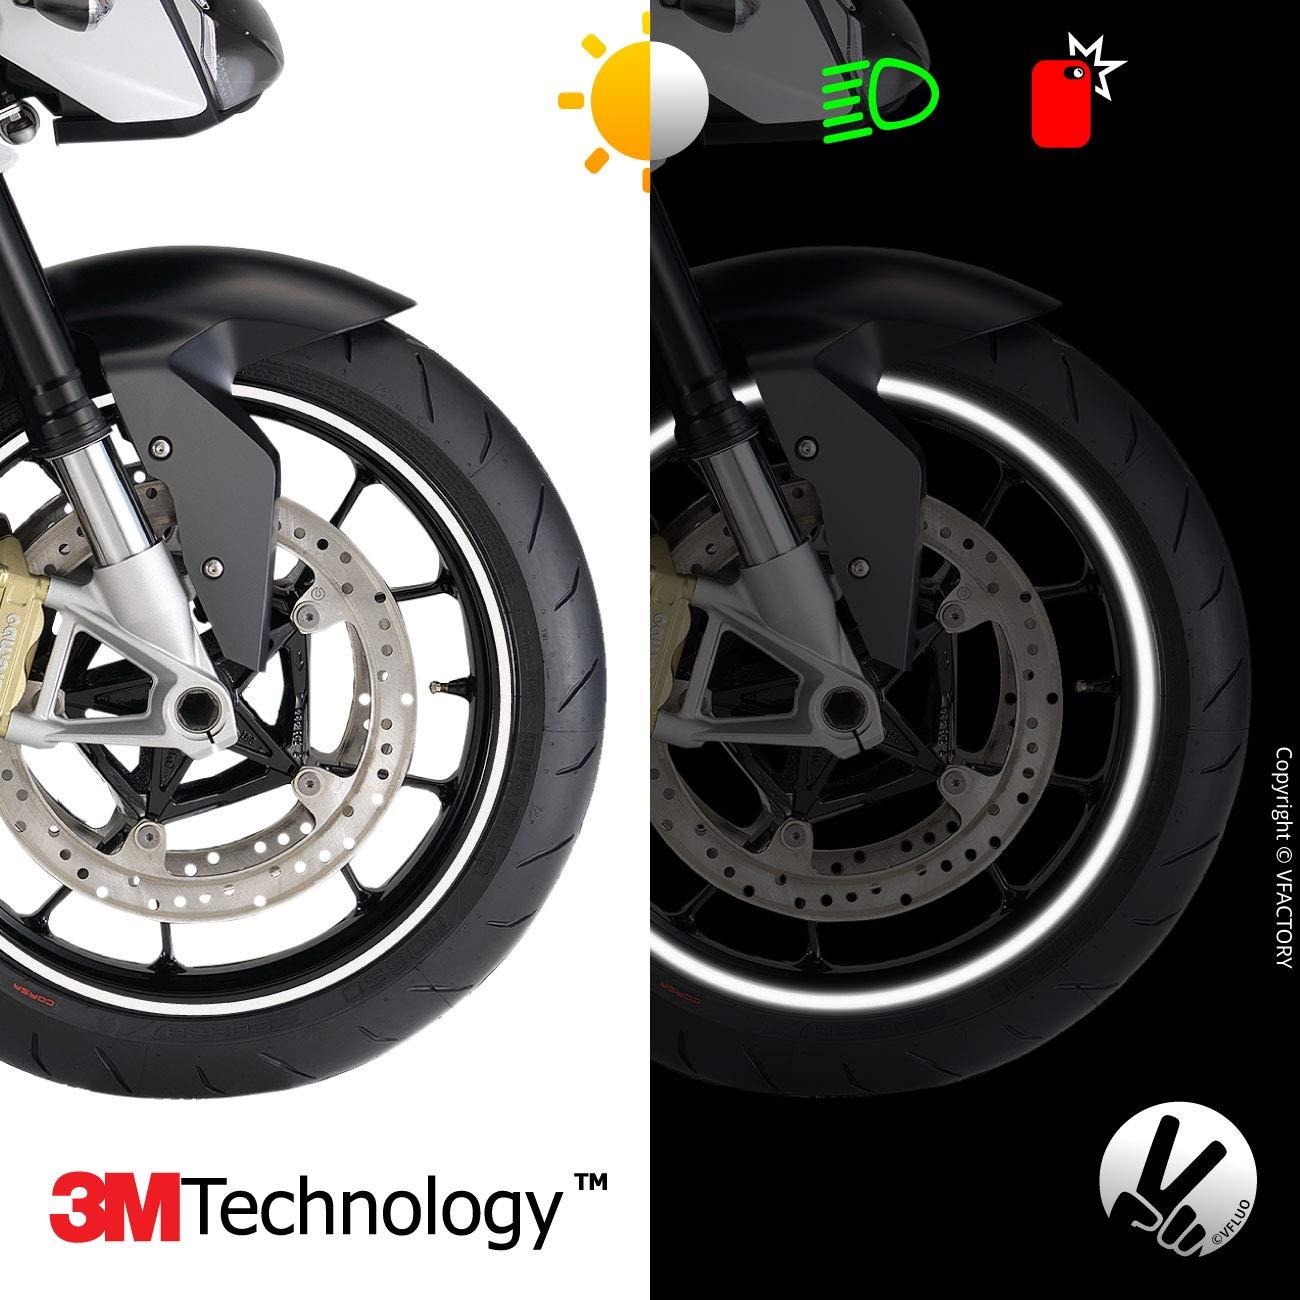 VFLUO Circular/™ Anchura XL : 10 mm Noche Azul 3M Technology/™ Rayas Retro Reflectantes para Llantas de Moto 1 Rueda Kit de Cintas